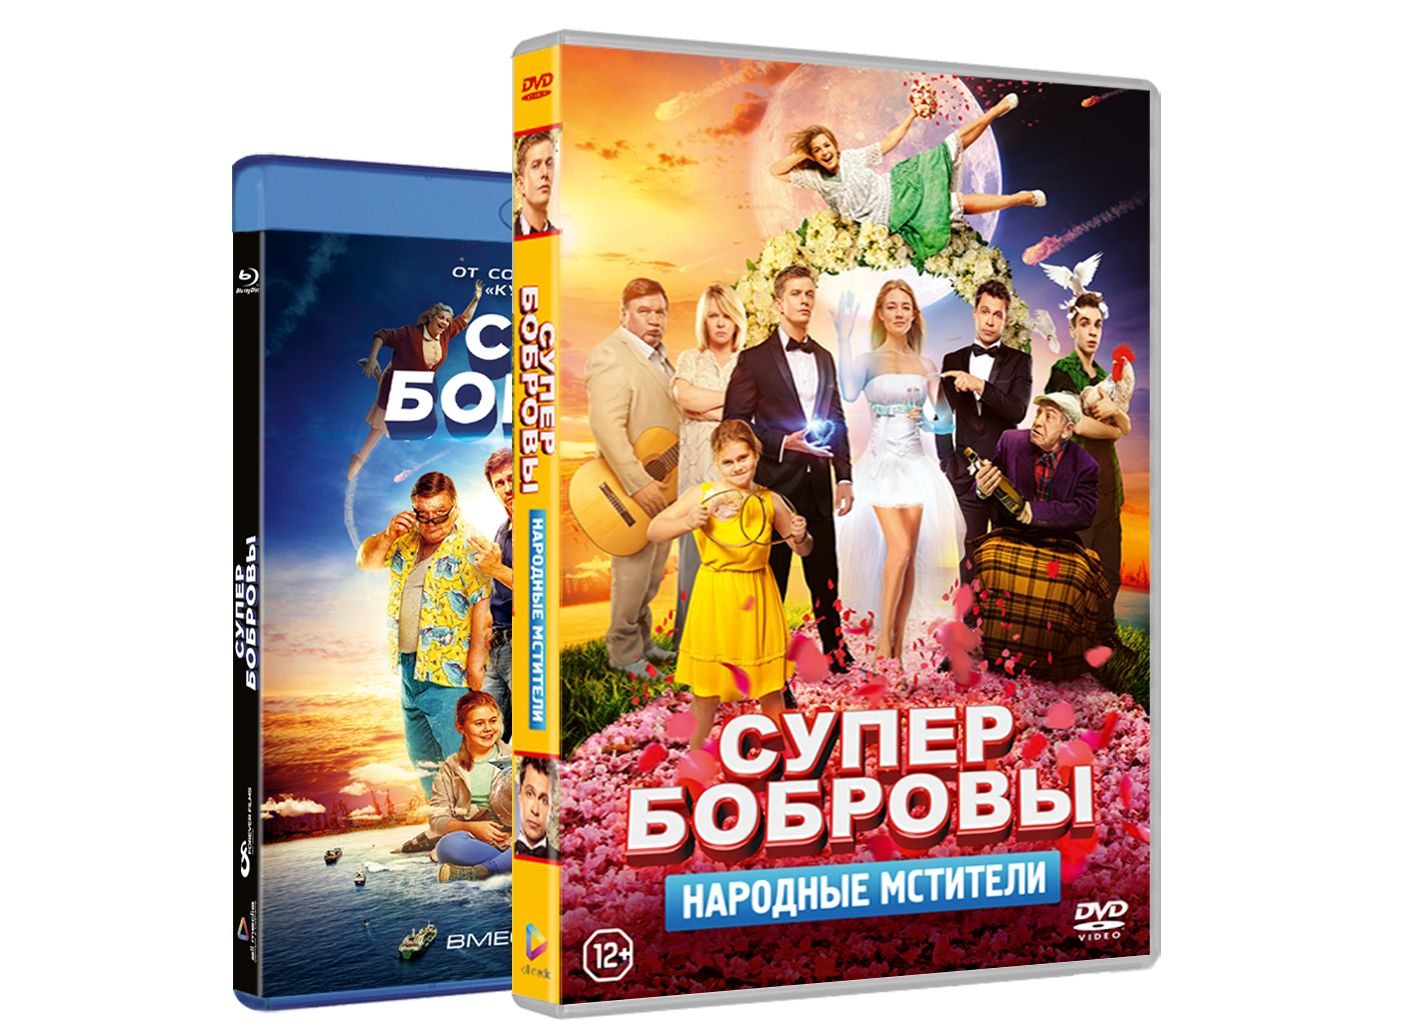 СуперБобровы: Народные мстители / СуперБобровы (DVD + Blu-ray)